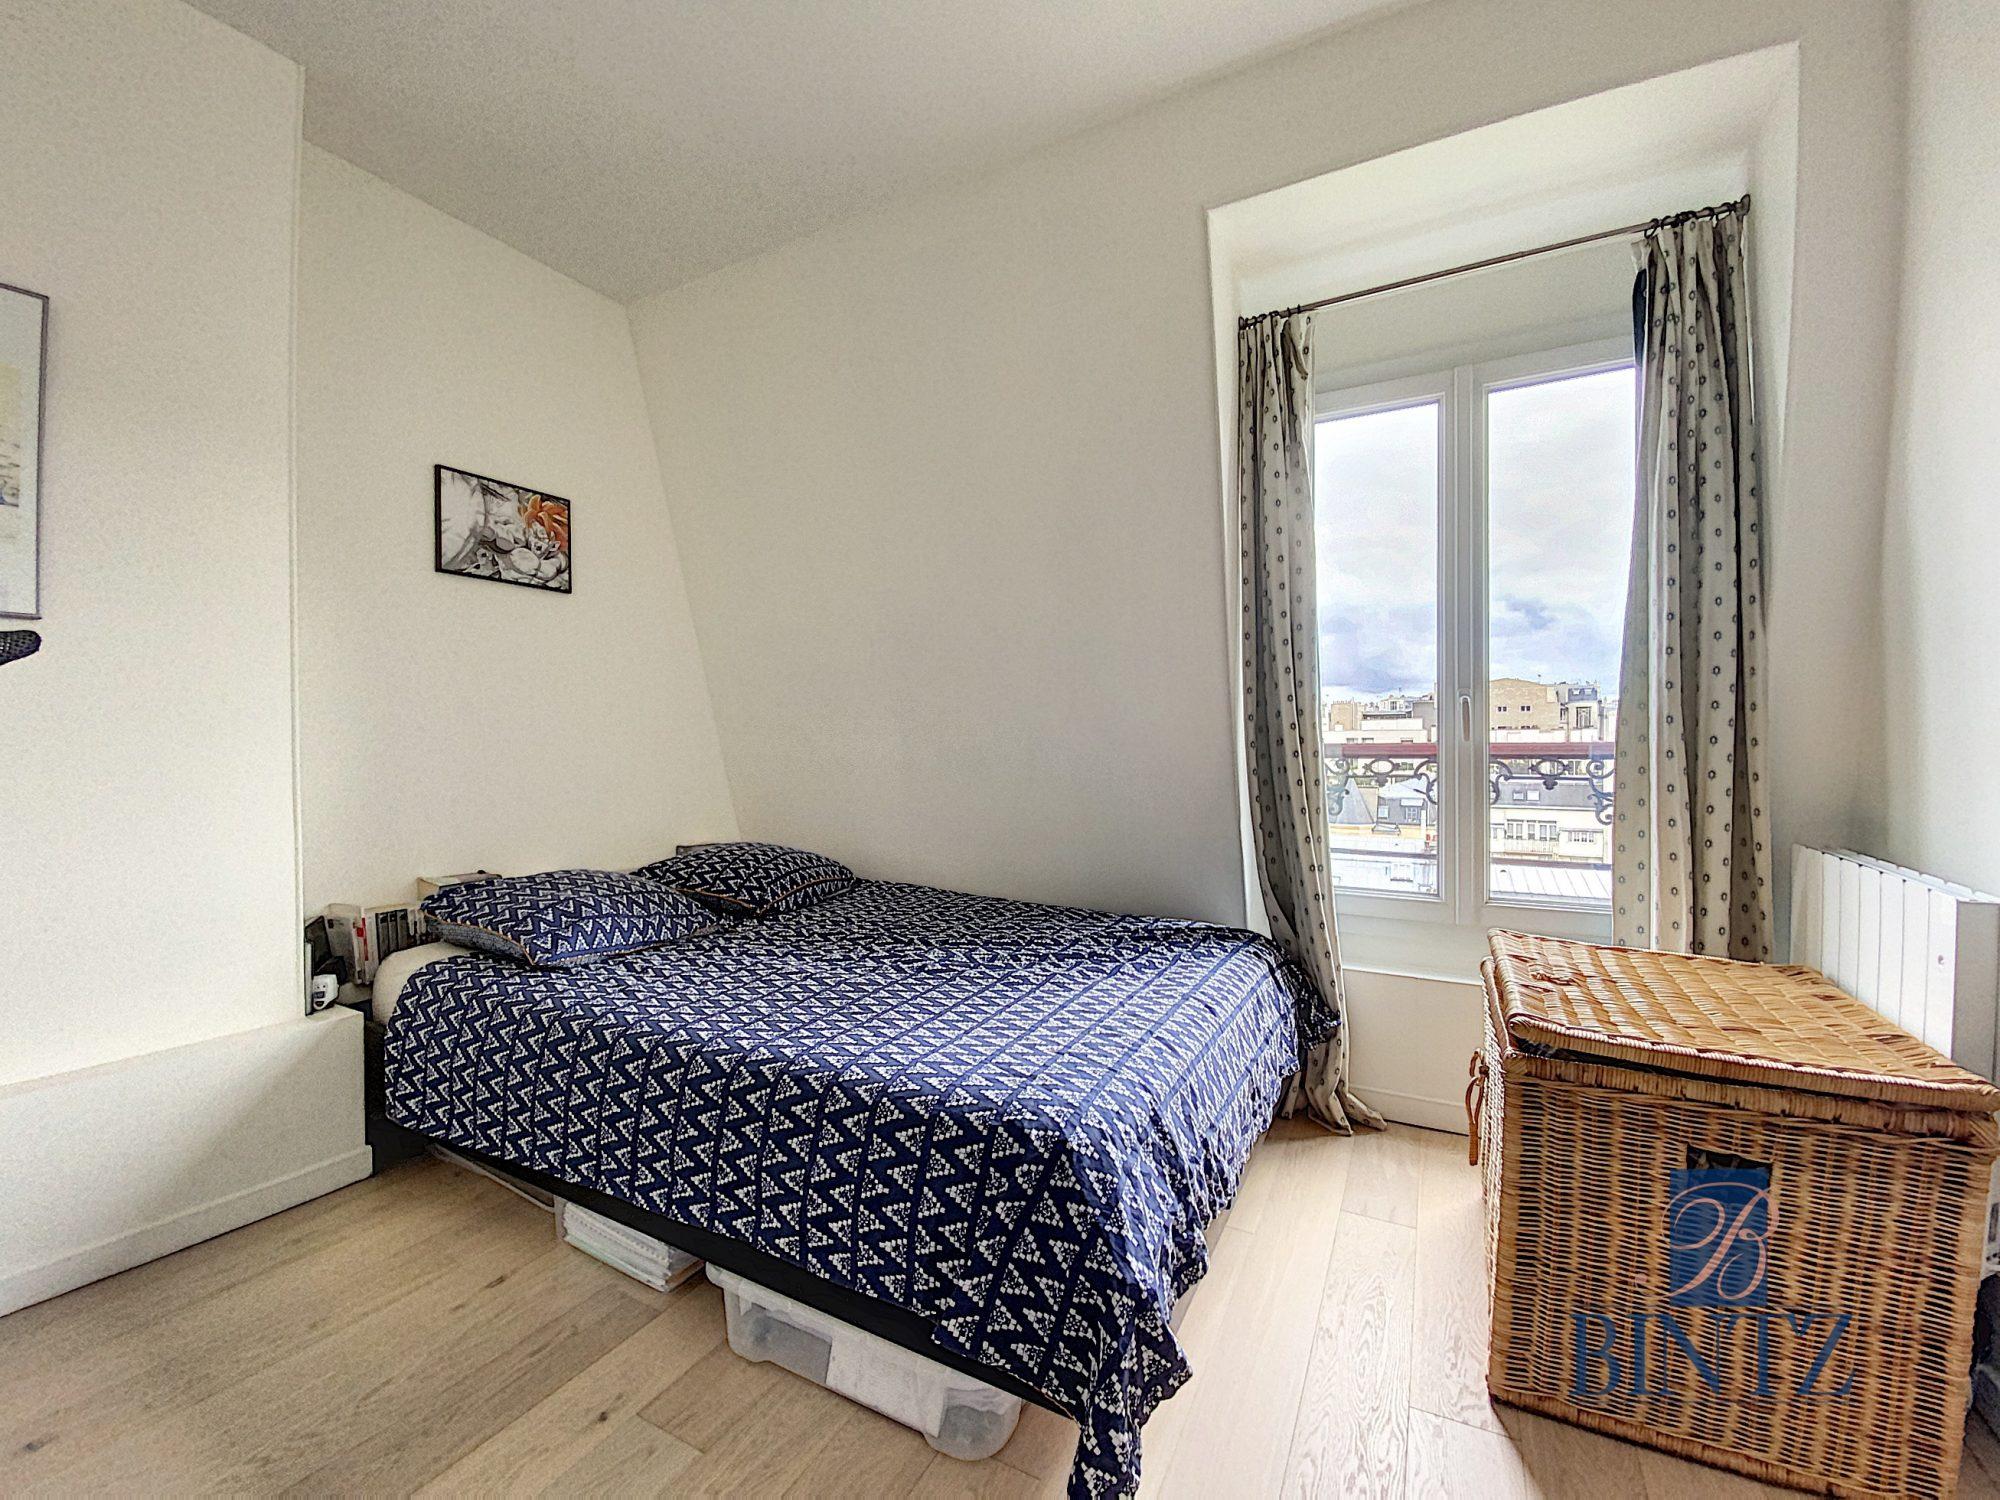 PARIS 17eme – 2 pièces rénové Boulevard Pereire - Devenez propriétaire en toute confiance - Bintz Immobilier - 8